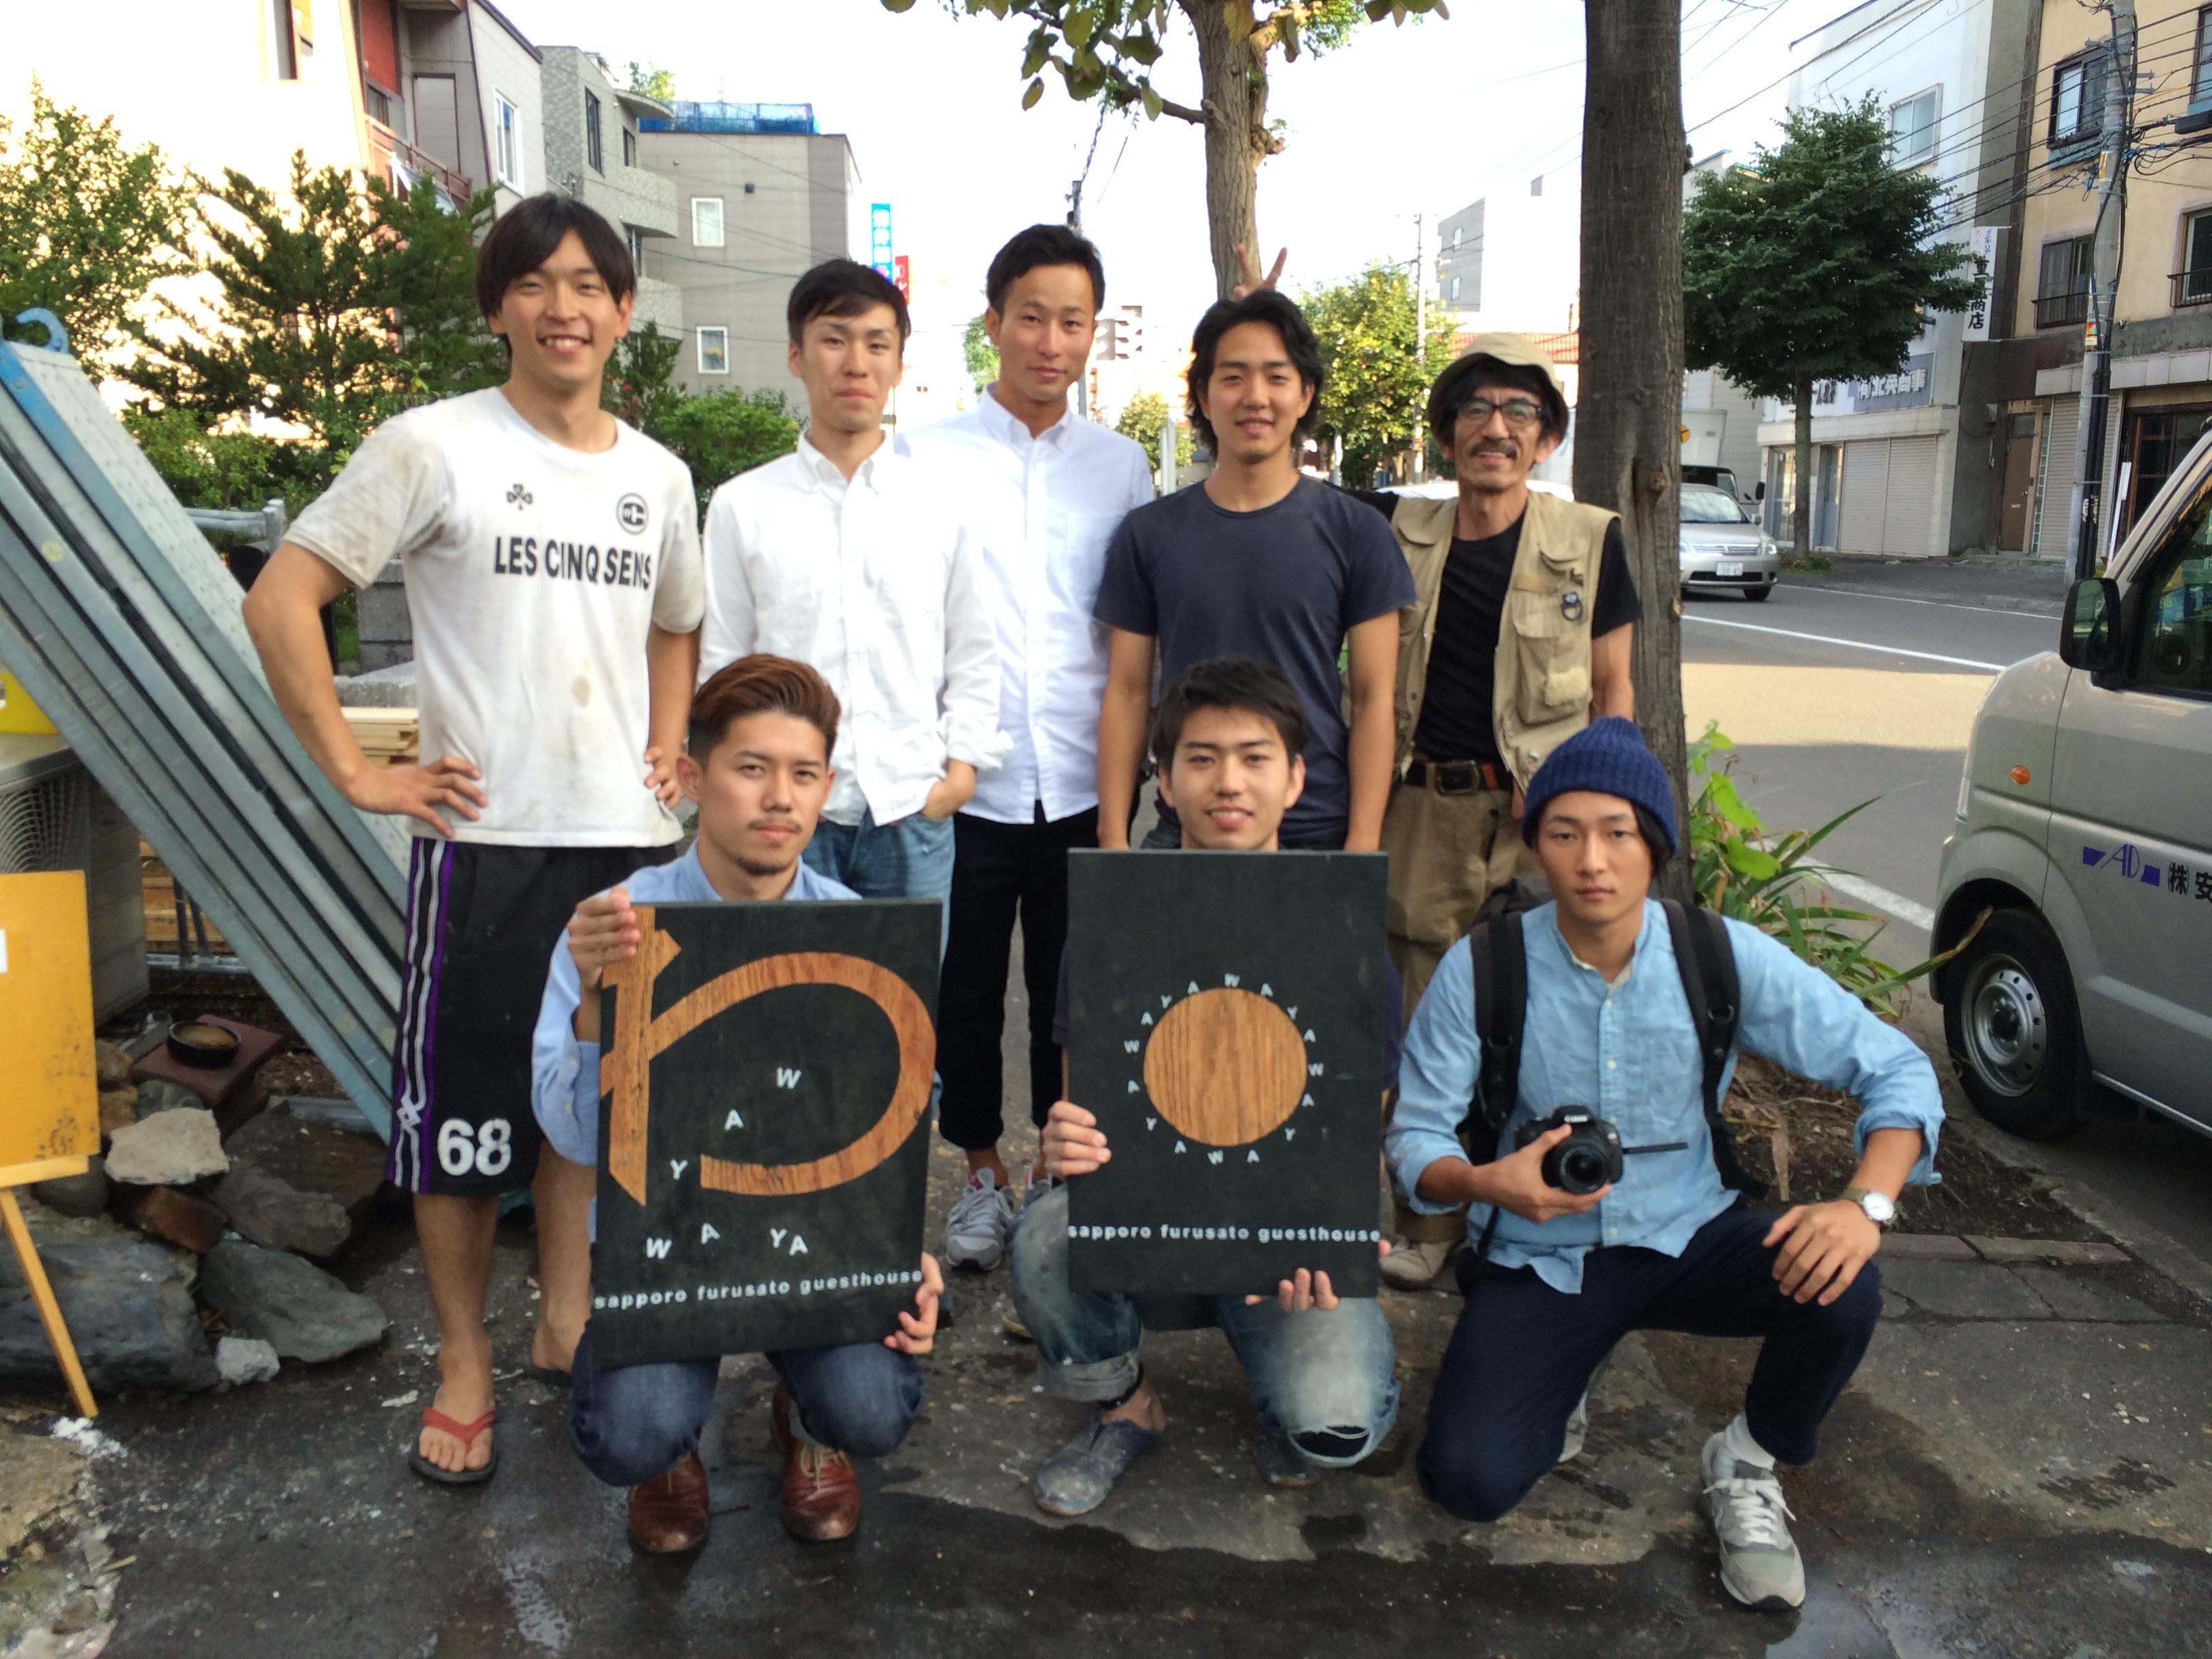 札幌ゲストハウス雪結(yuyu)のスタッフかずま